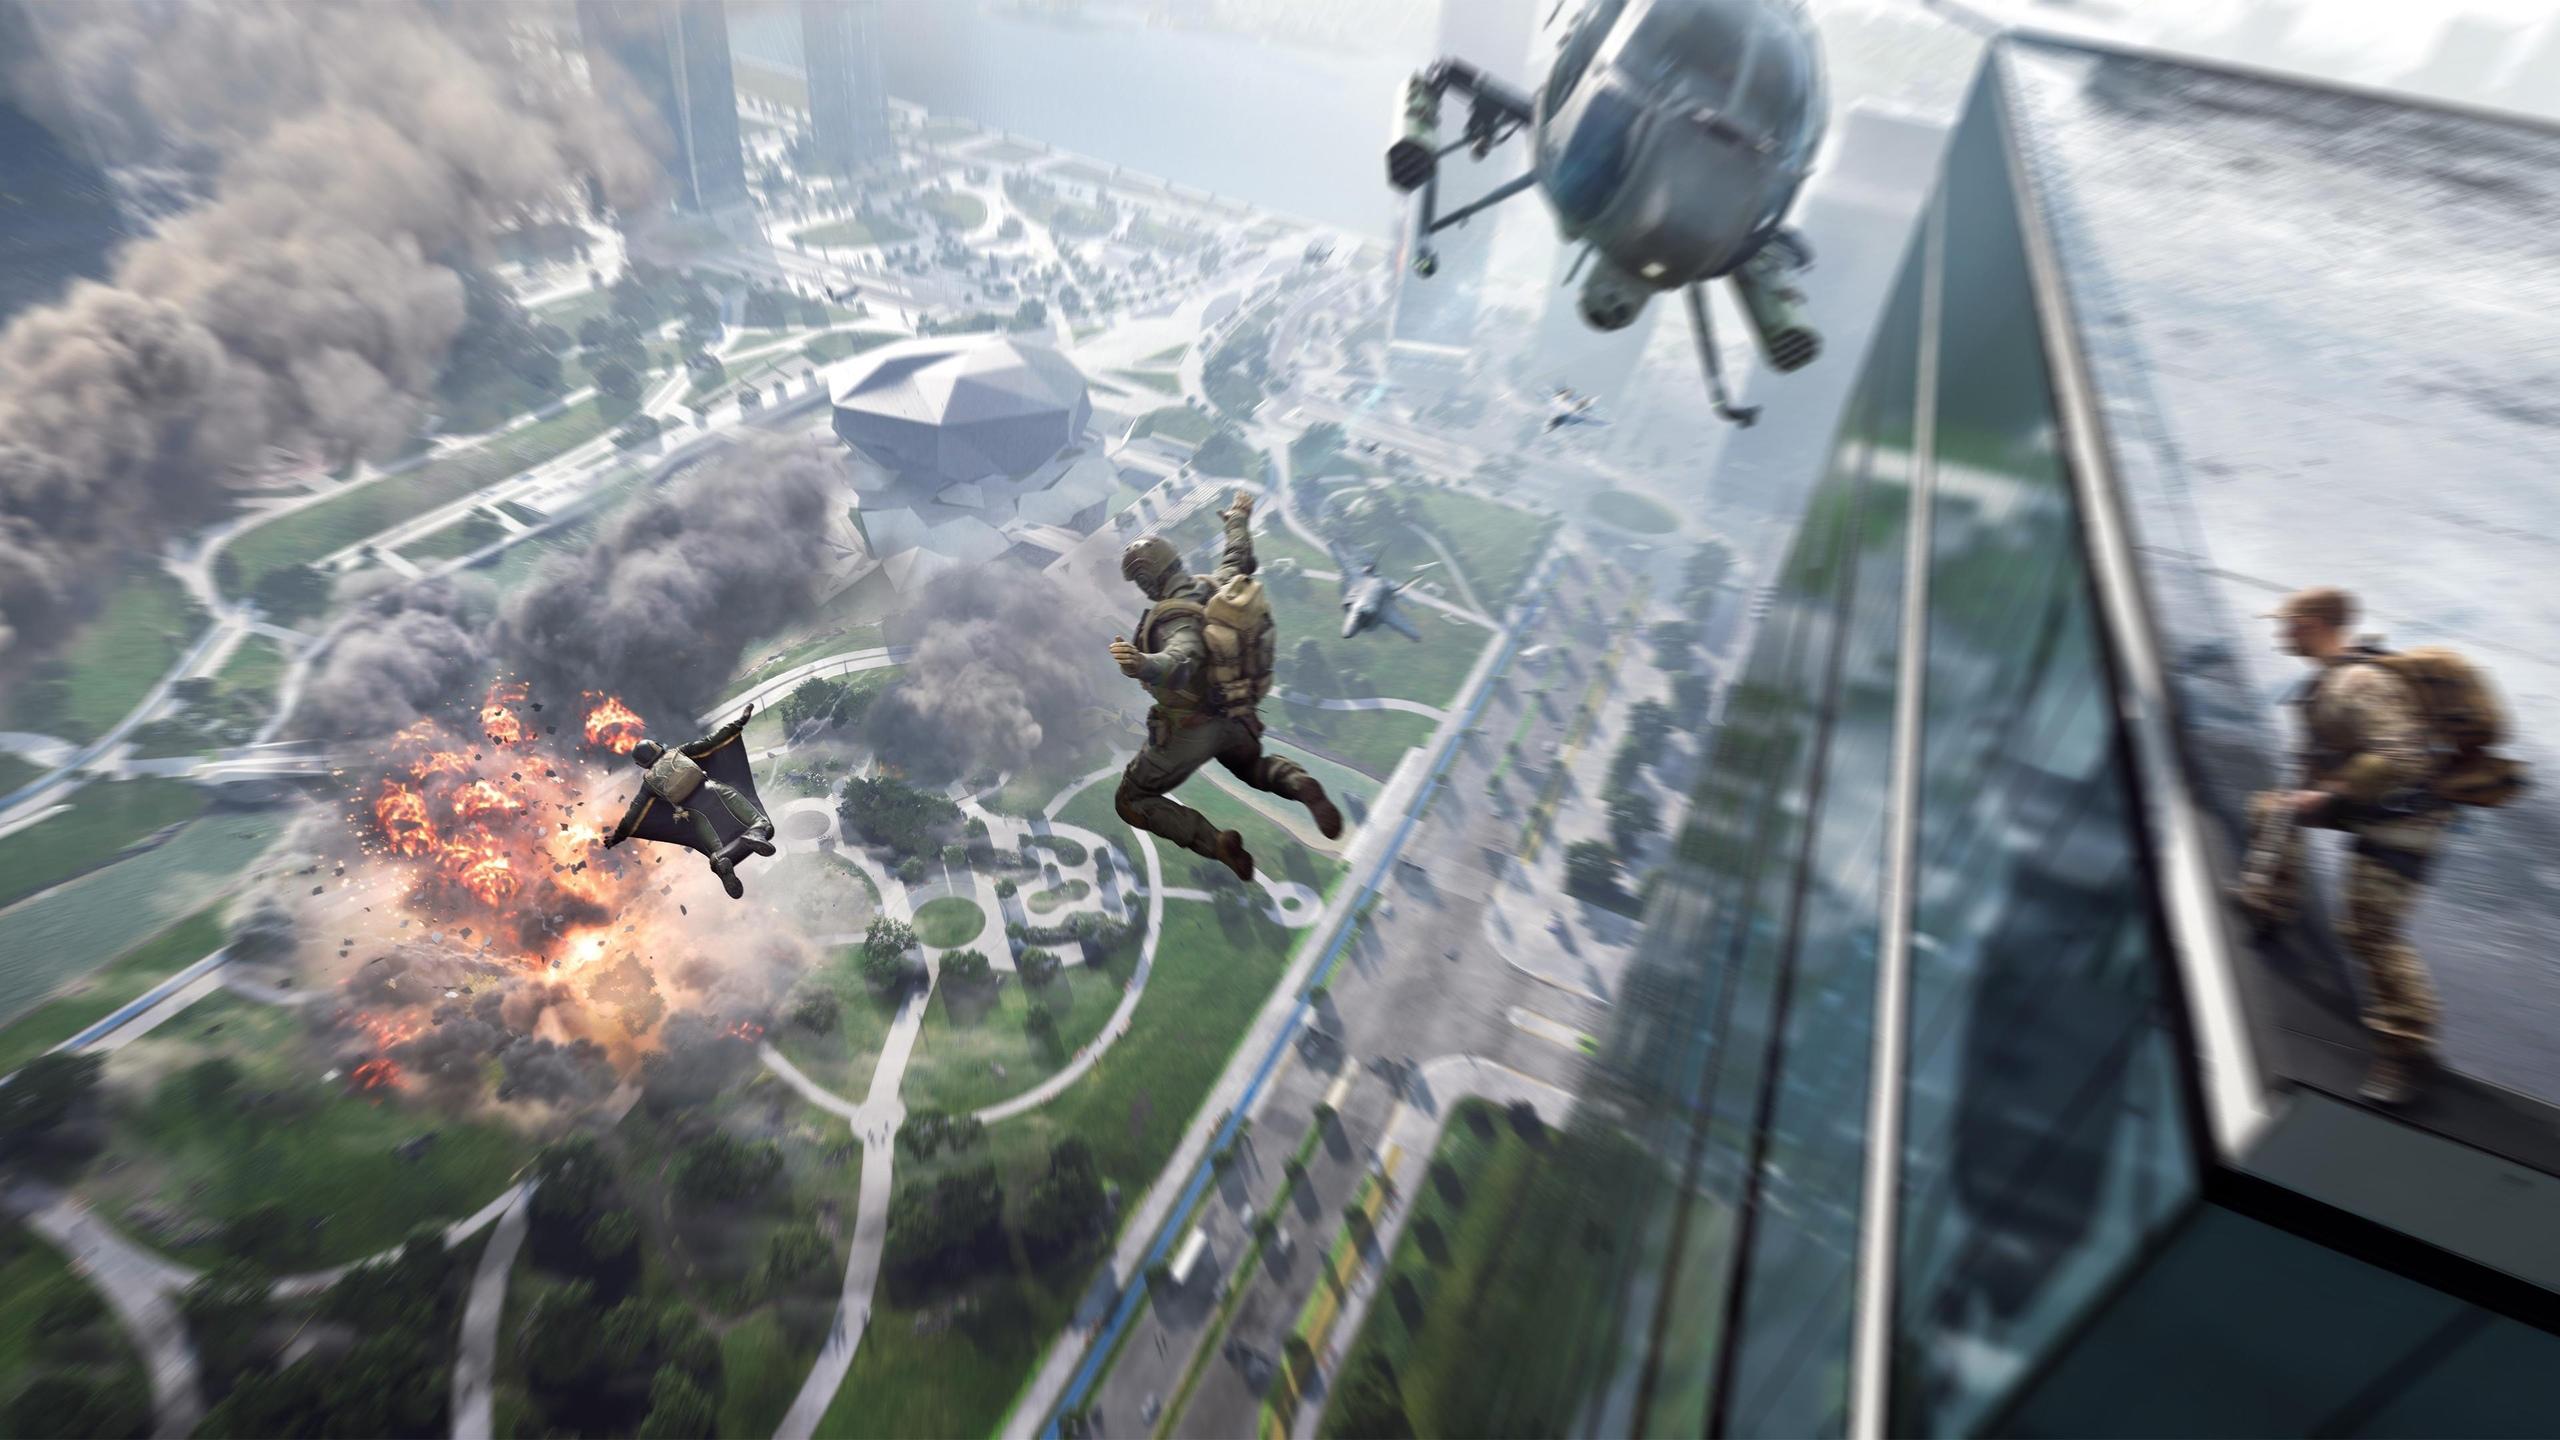 Разработчики Battlefield 2042 рассказали, что, если в раунде не хватает игроков, то их места будут заполняться ботами